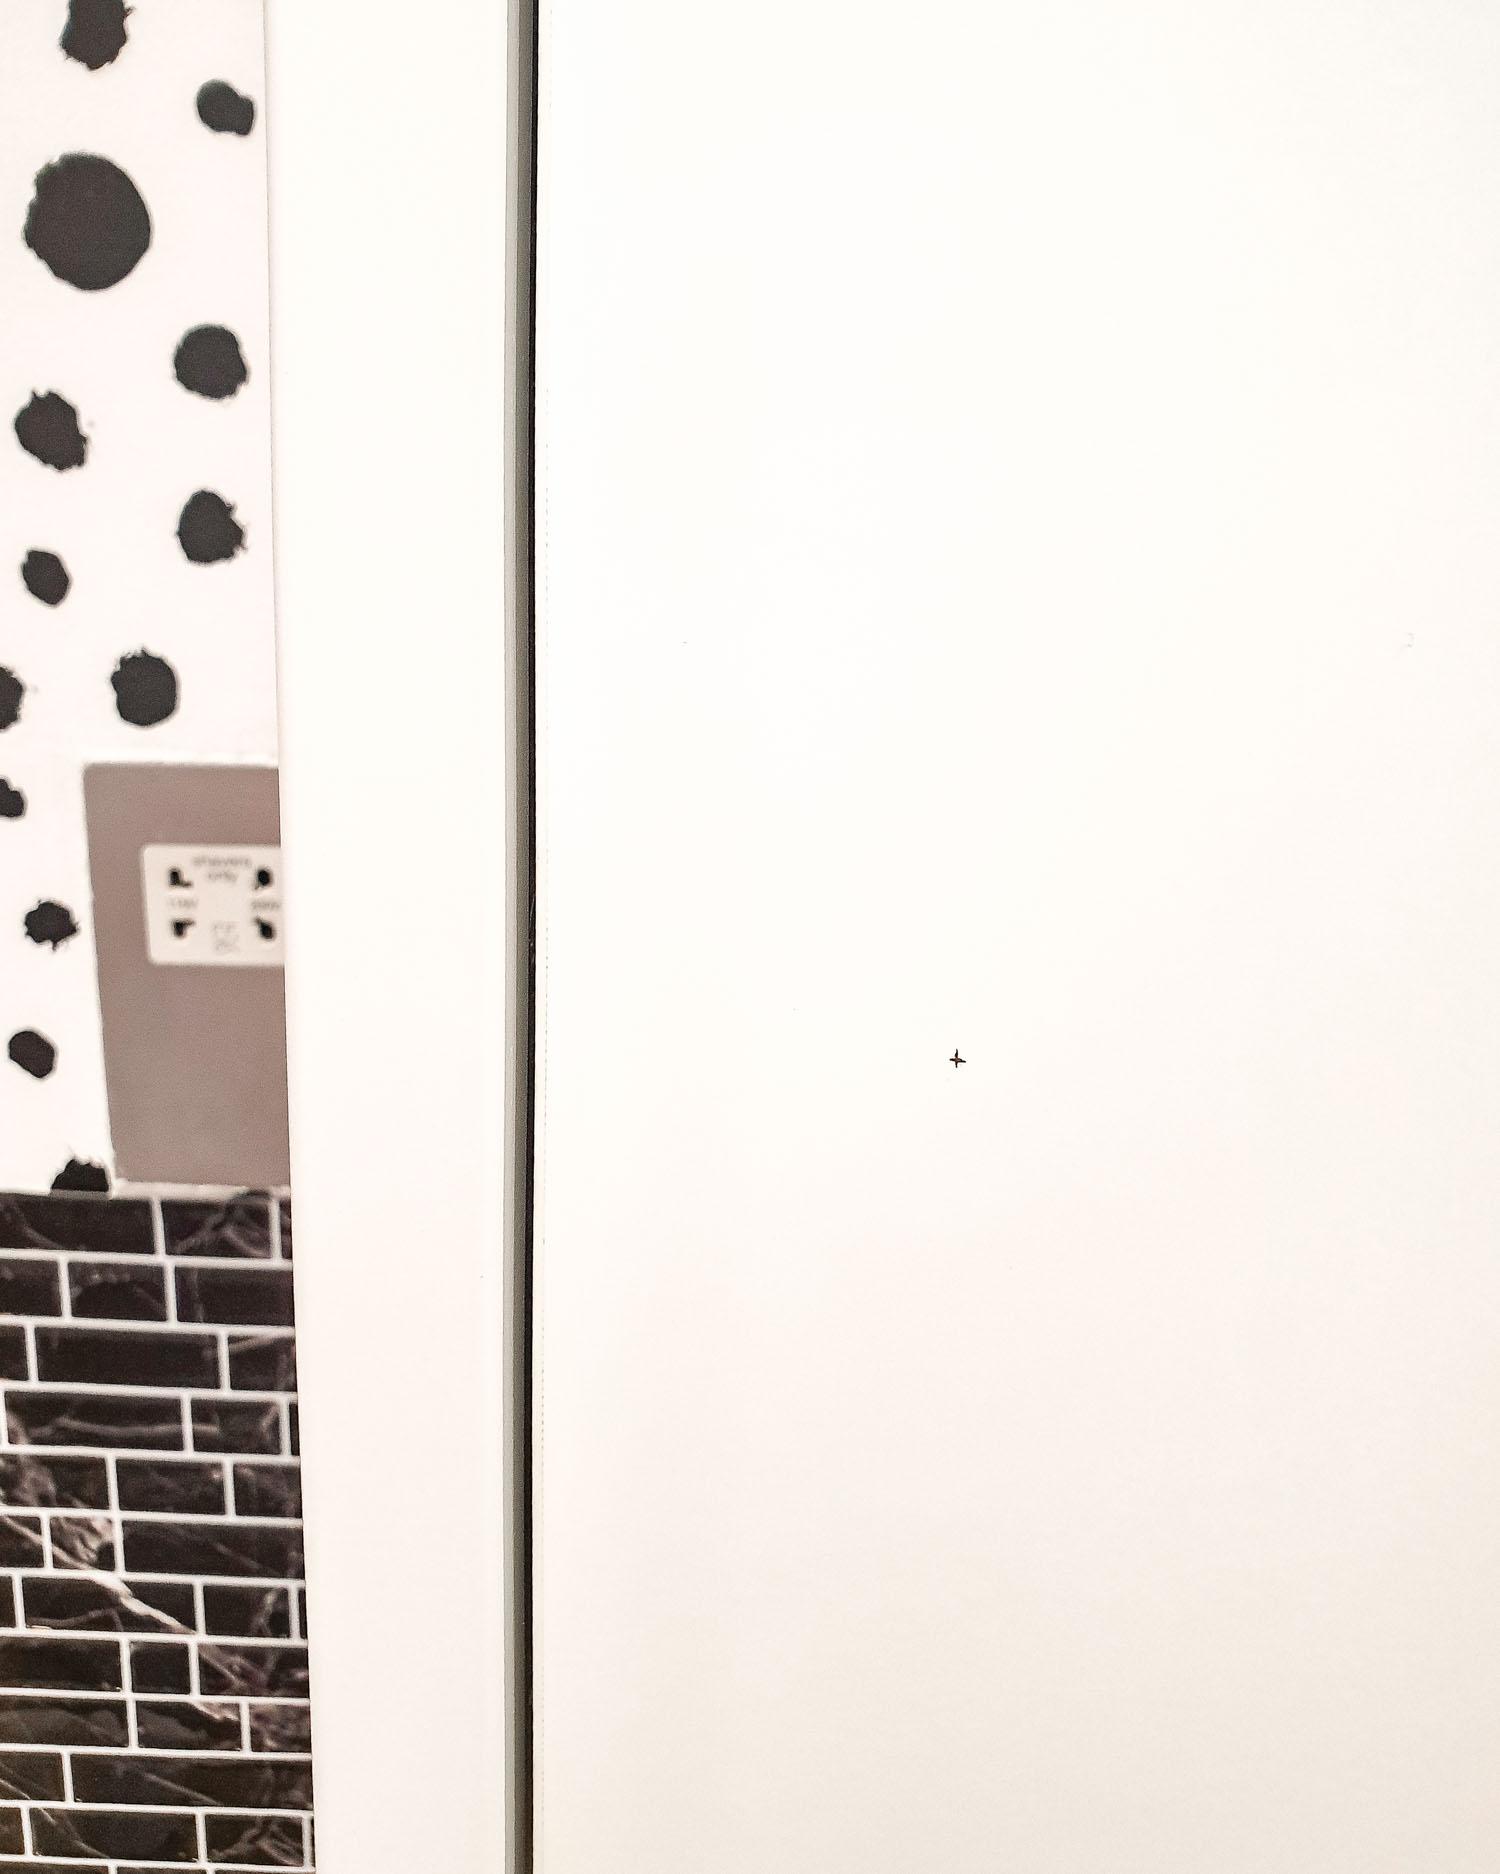 Ikea Hack | A Quick DIY to Update Ikea Furniture